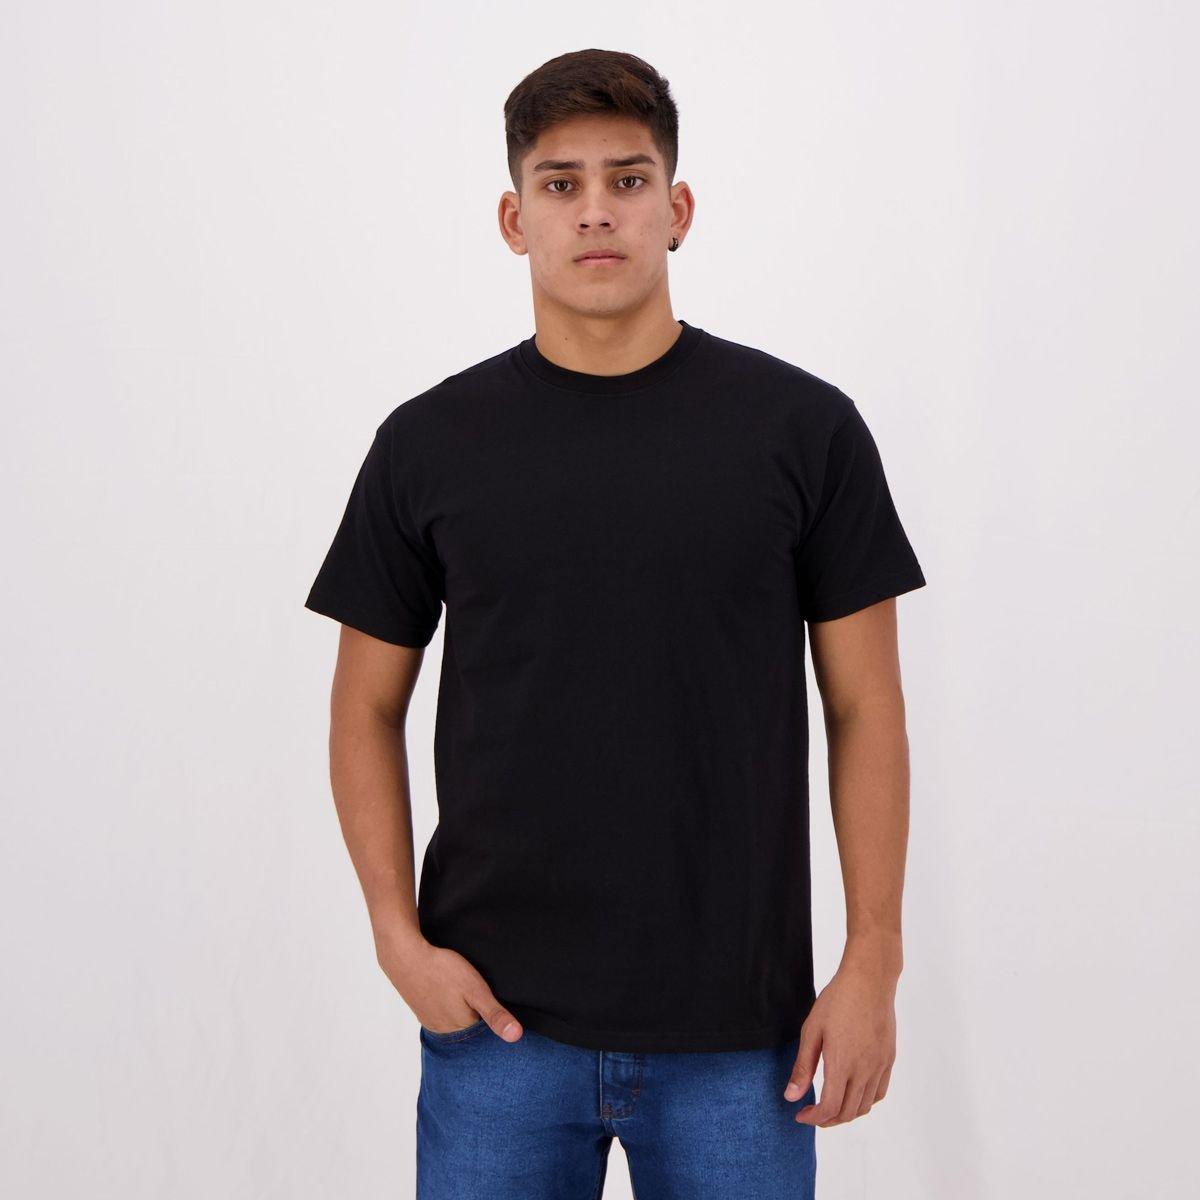 Estilo urbano com camisetas básicas